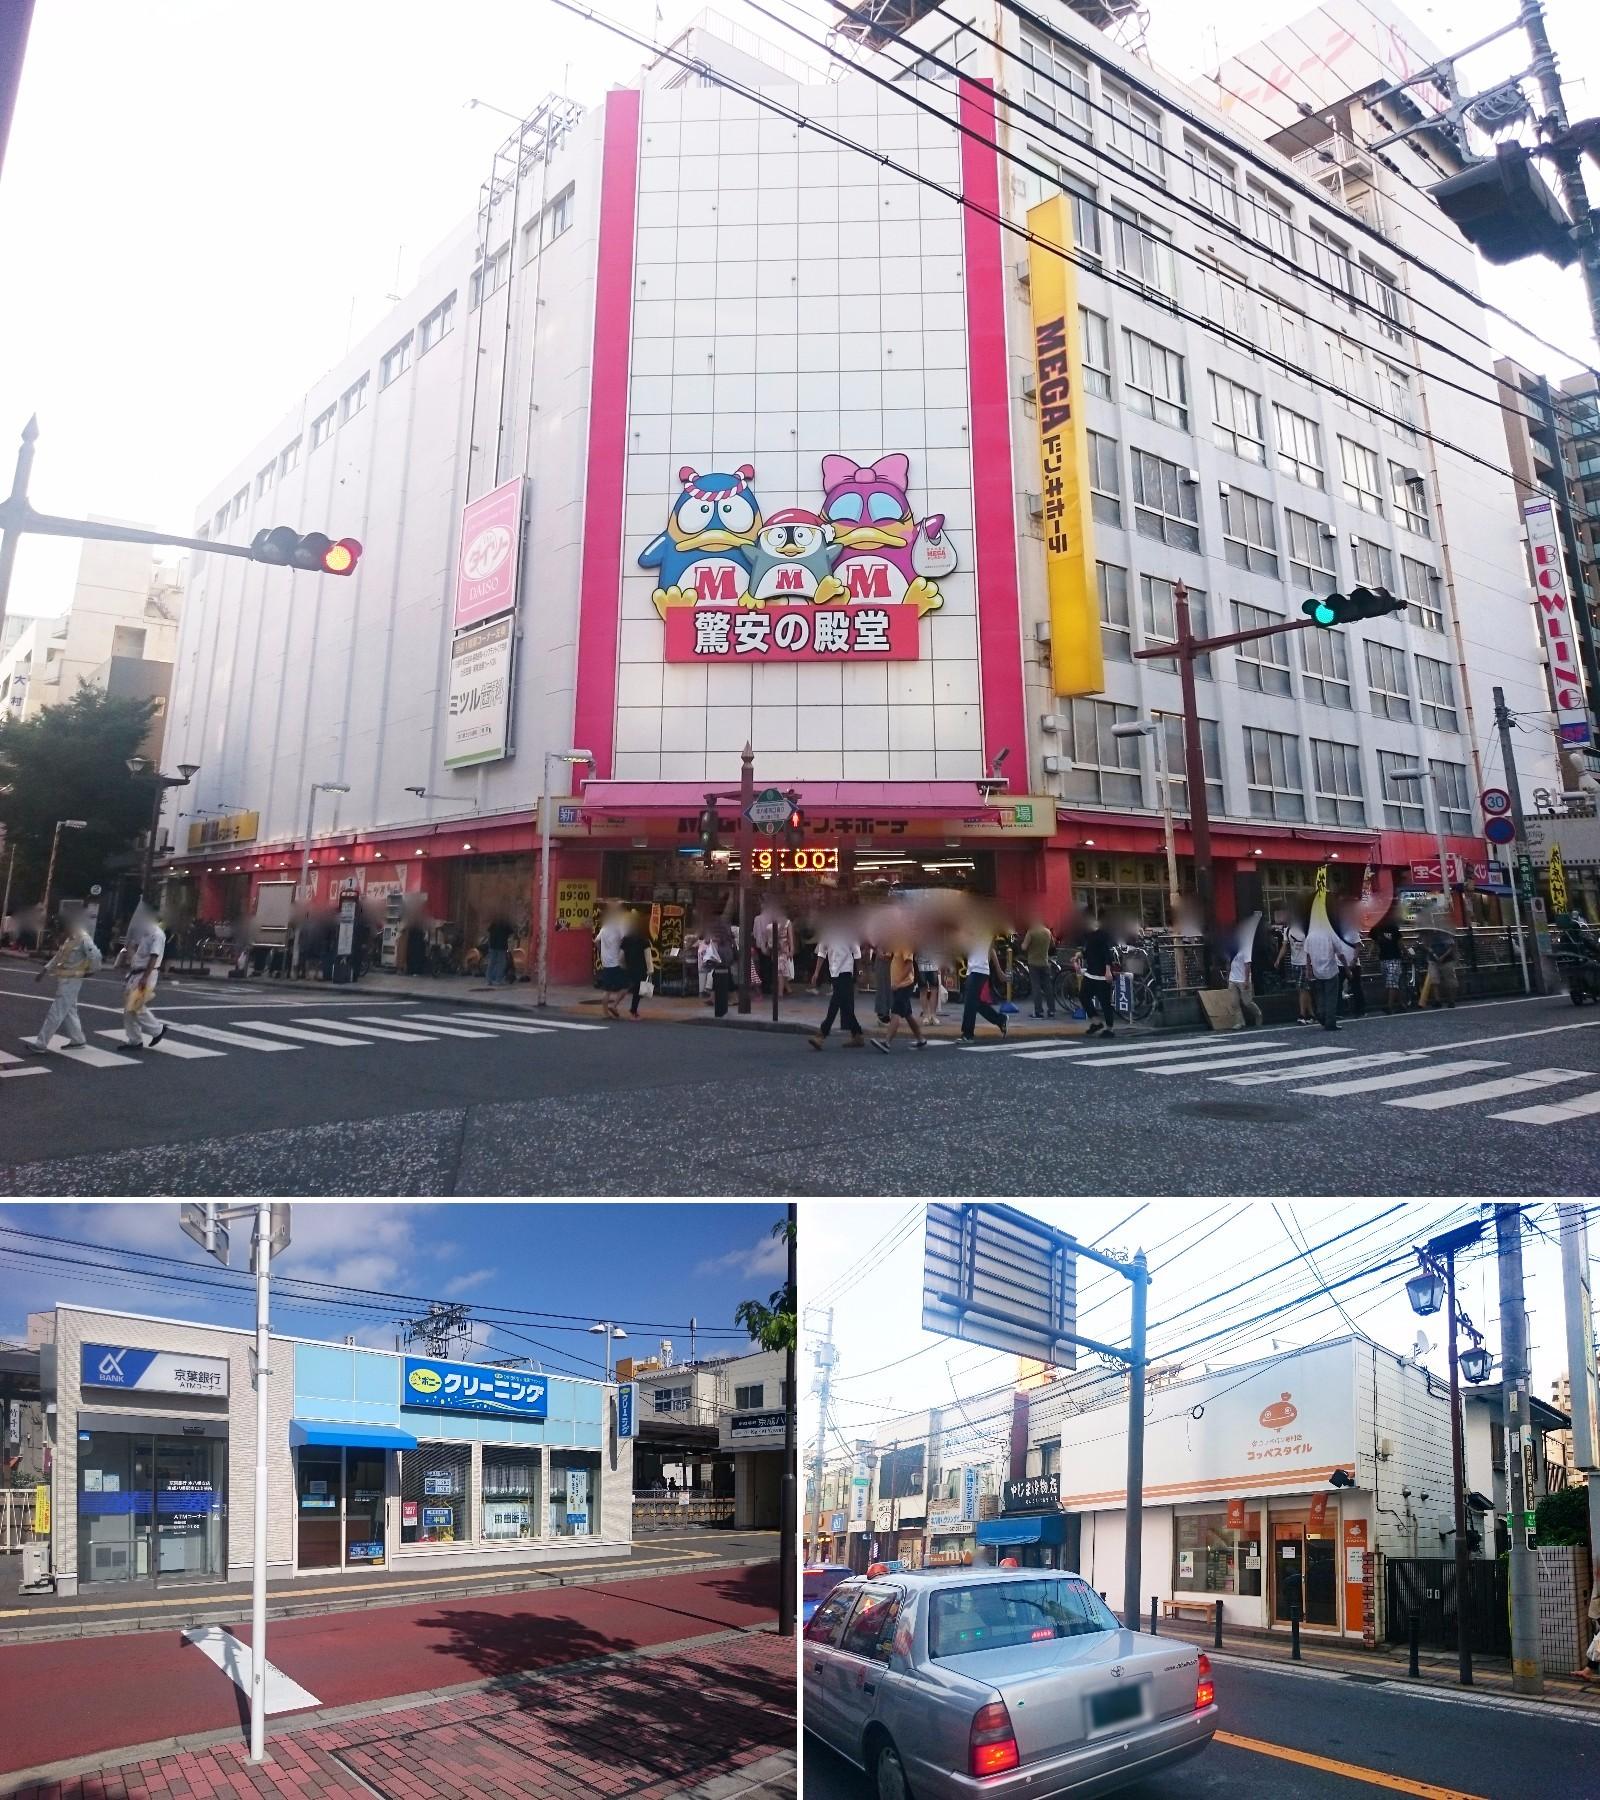 上:『スーパーメガドンキホーテ』食料品なども取り扱う。上階にはダイソーがある<br><br> 左下:『ポニークリーニング』京成八幡駅からすぐ。Mさんはスーツの洗濯によく利用するそう<br><br> 右下:『コッペスタイル』女性に人気のコッペパン専門店。京成八幡駅からJR八幡駅へ向かう途中にある